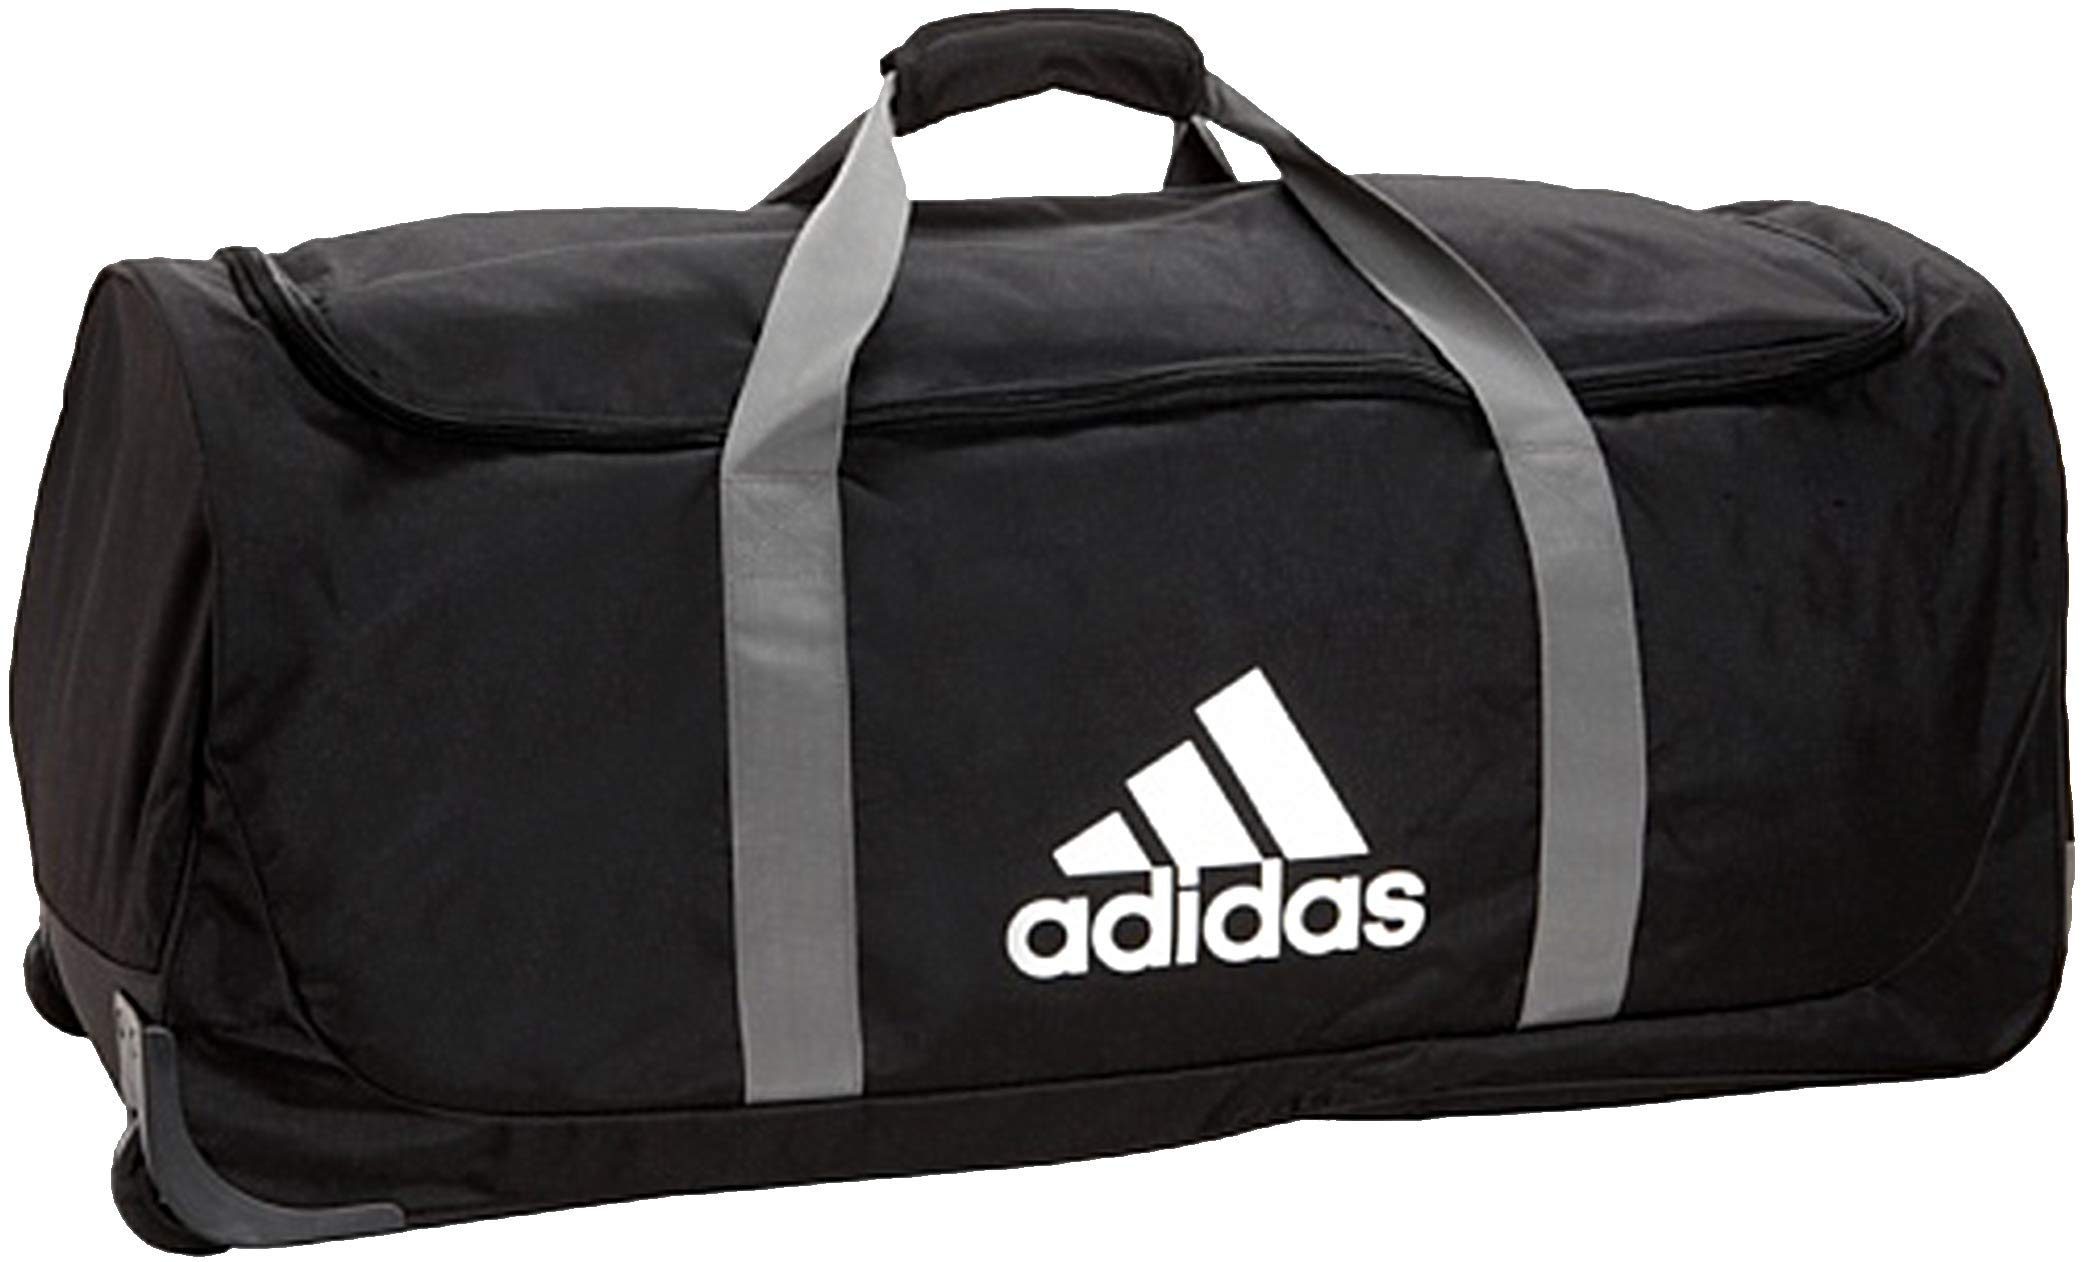 adidas Unisex Team XL Wheel Bag, Black, ONE SIZE by adidas